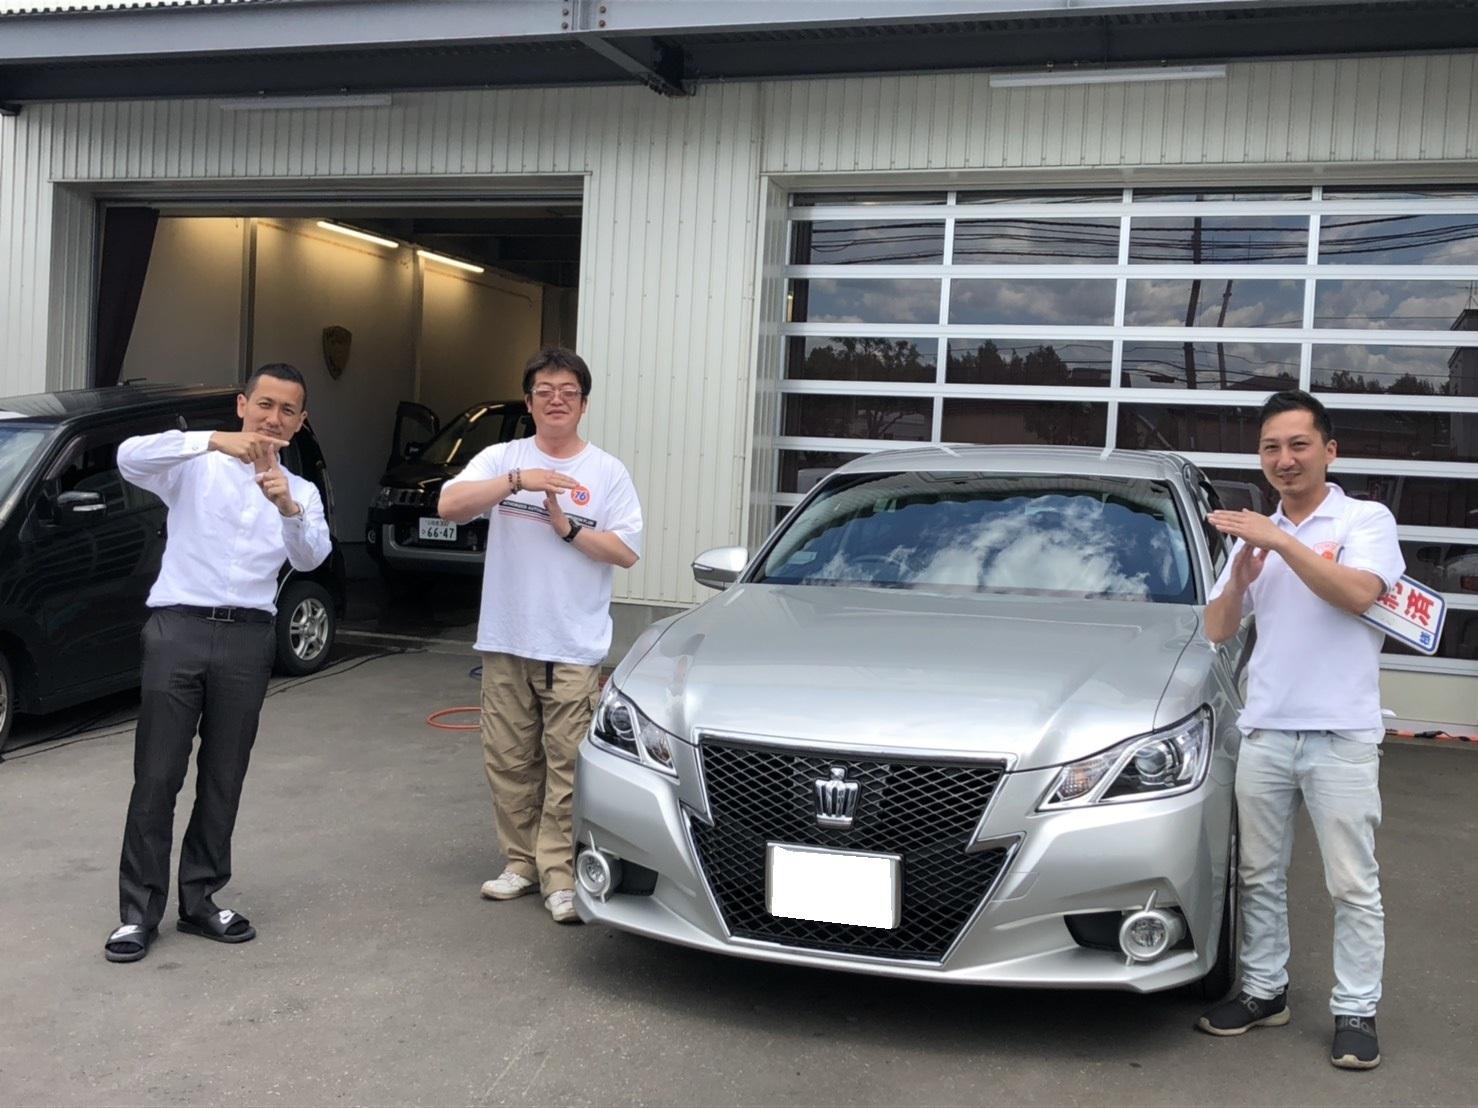 6月2日(日)♛クラウンK様&LX450DI様納車♛ランクル レクサス ベンツ⊛TOMMY⊛_b0127002_17215888.jpg